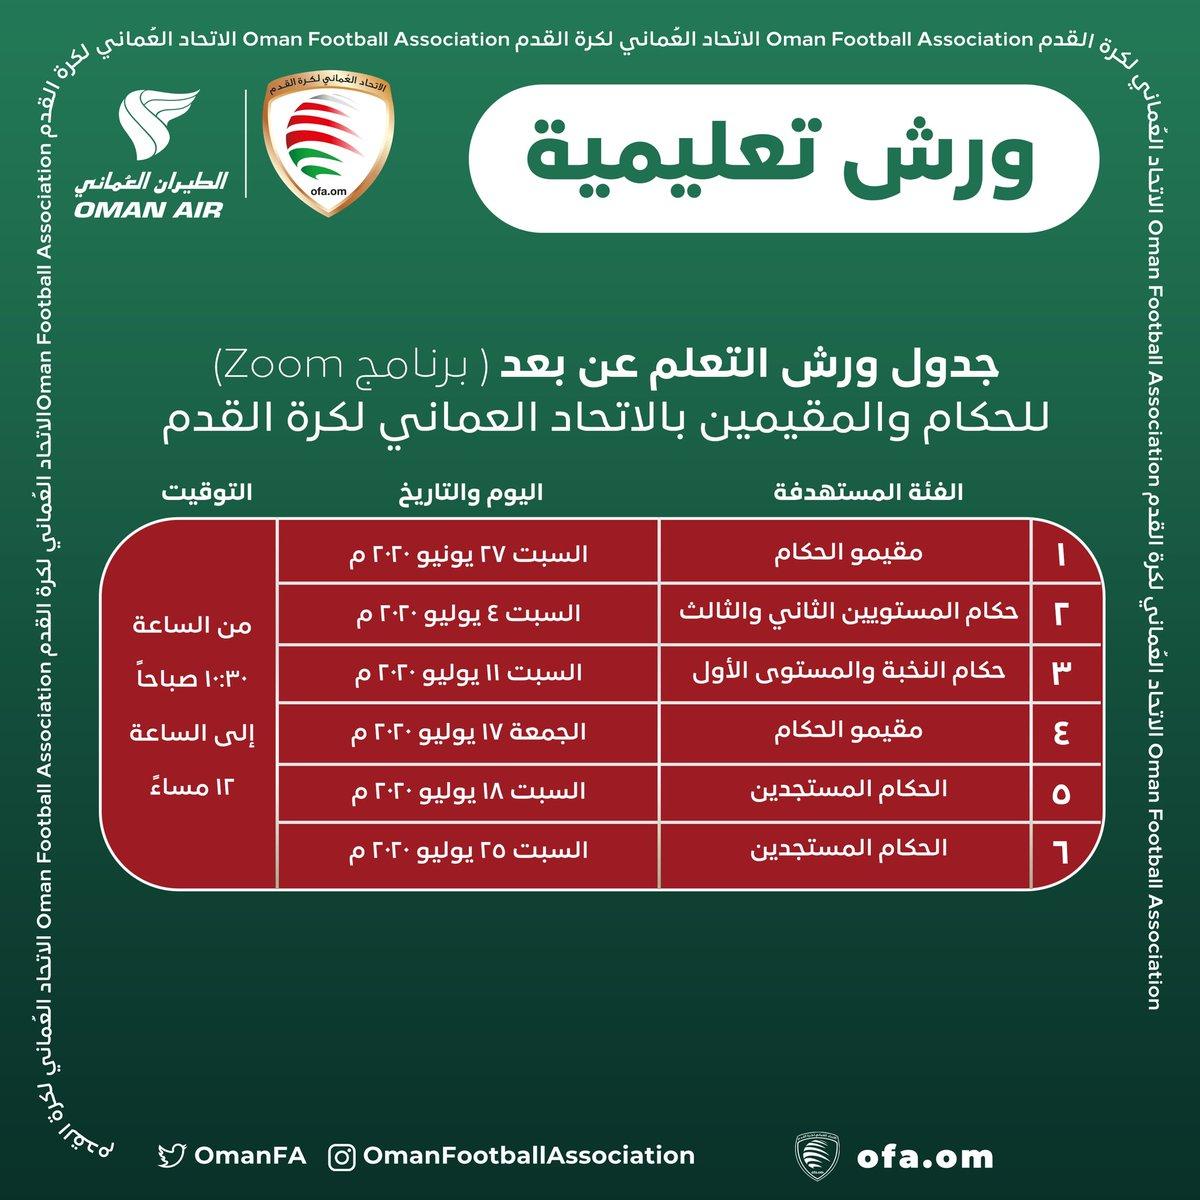 🗓 جدول ورش التعلم عن بعد للحكام والمقيمين بالاتحاد العماني لكرة القدم.